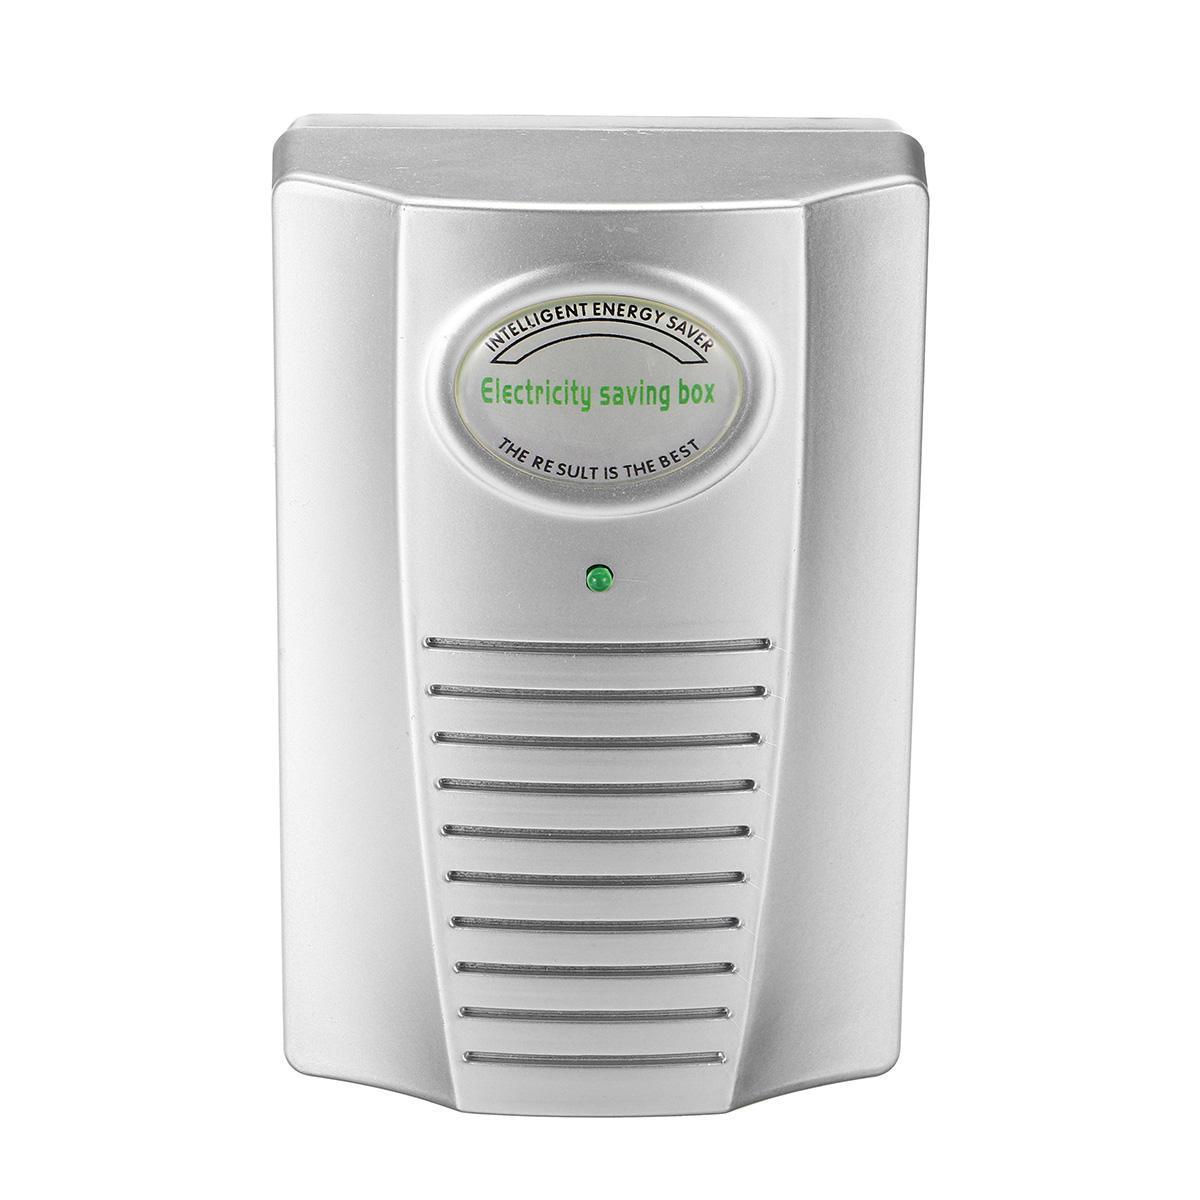 Энергосберегающее устройство Electricity Saving Box 152923